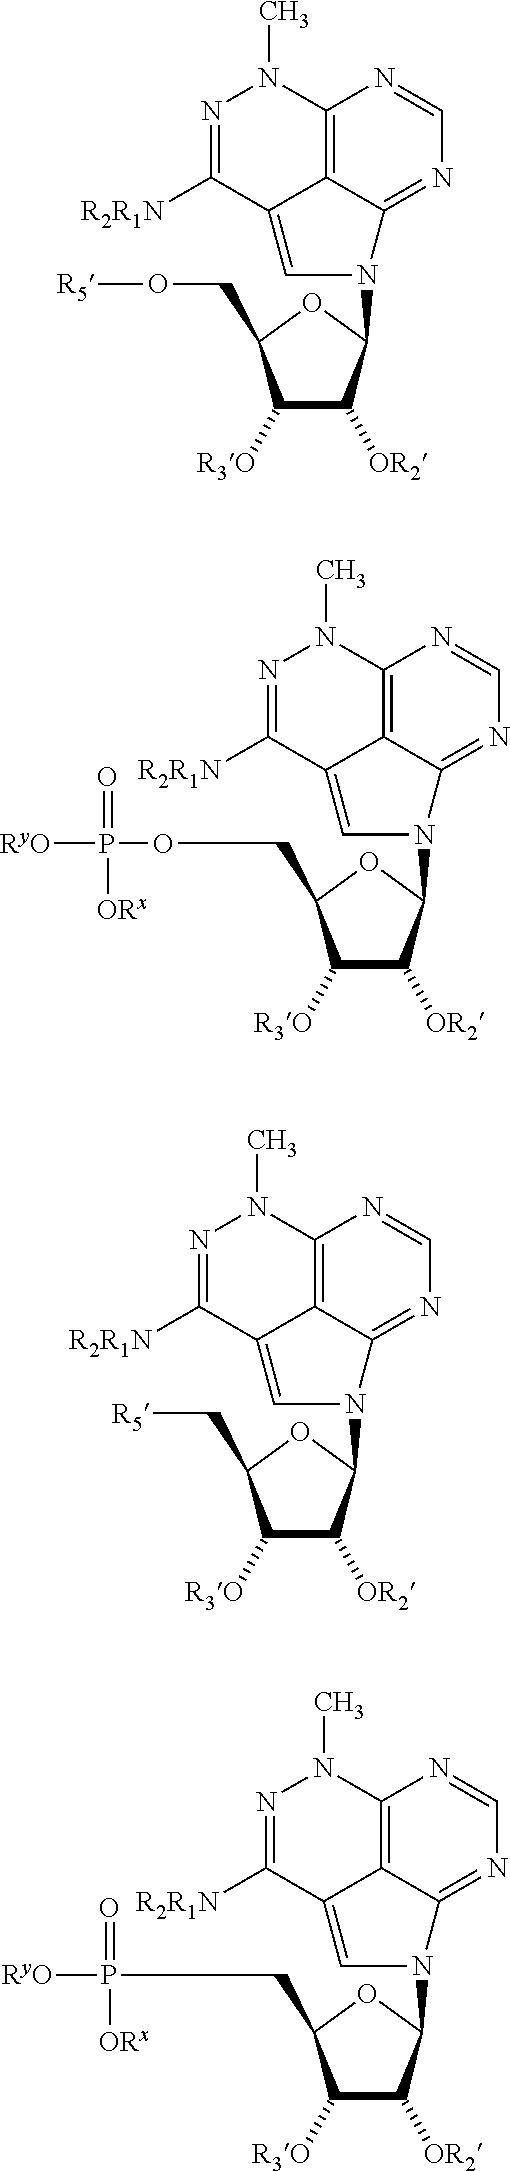 Figure US09186403-20151117-C00001